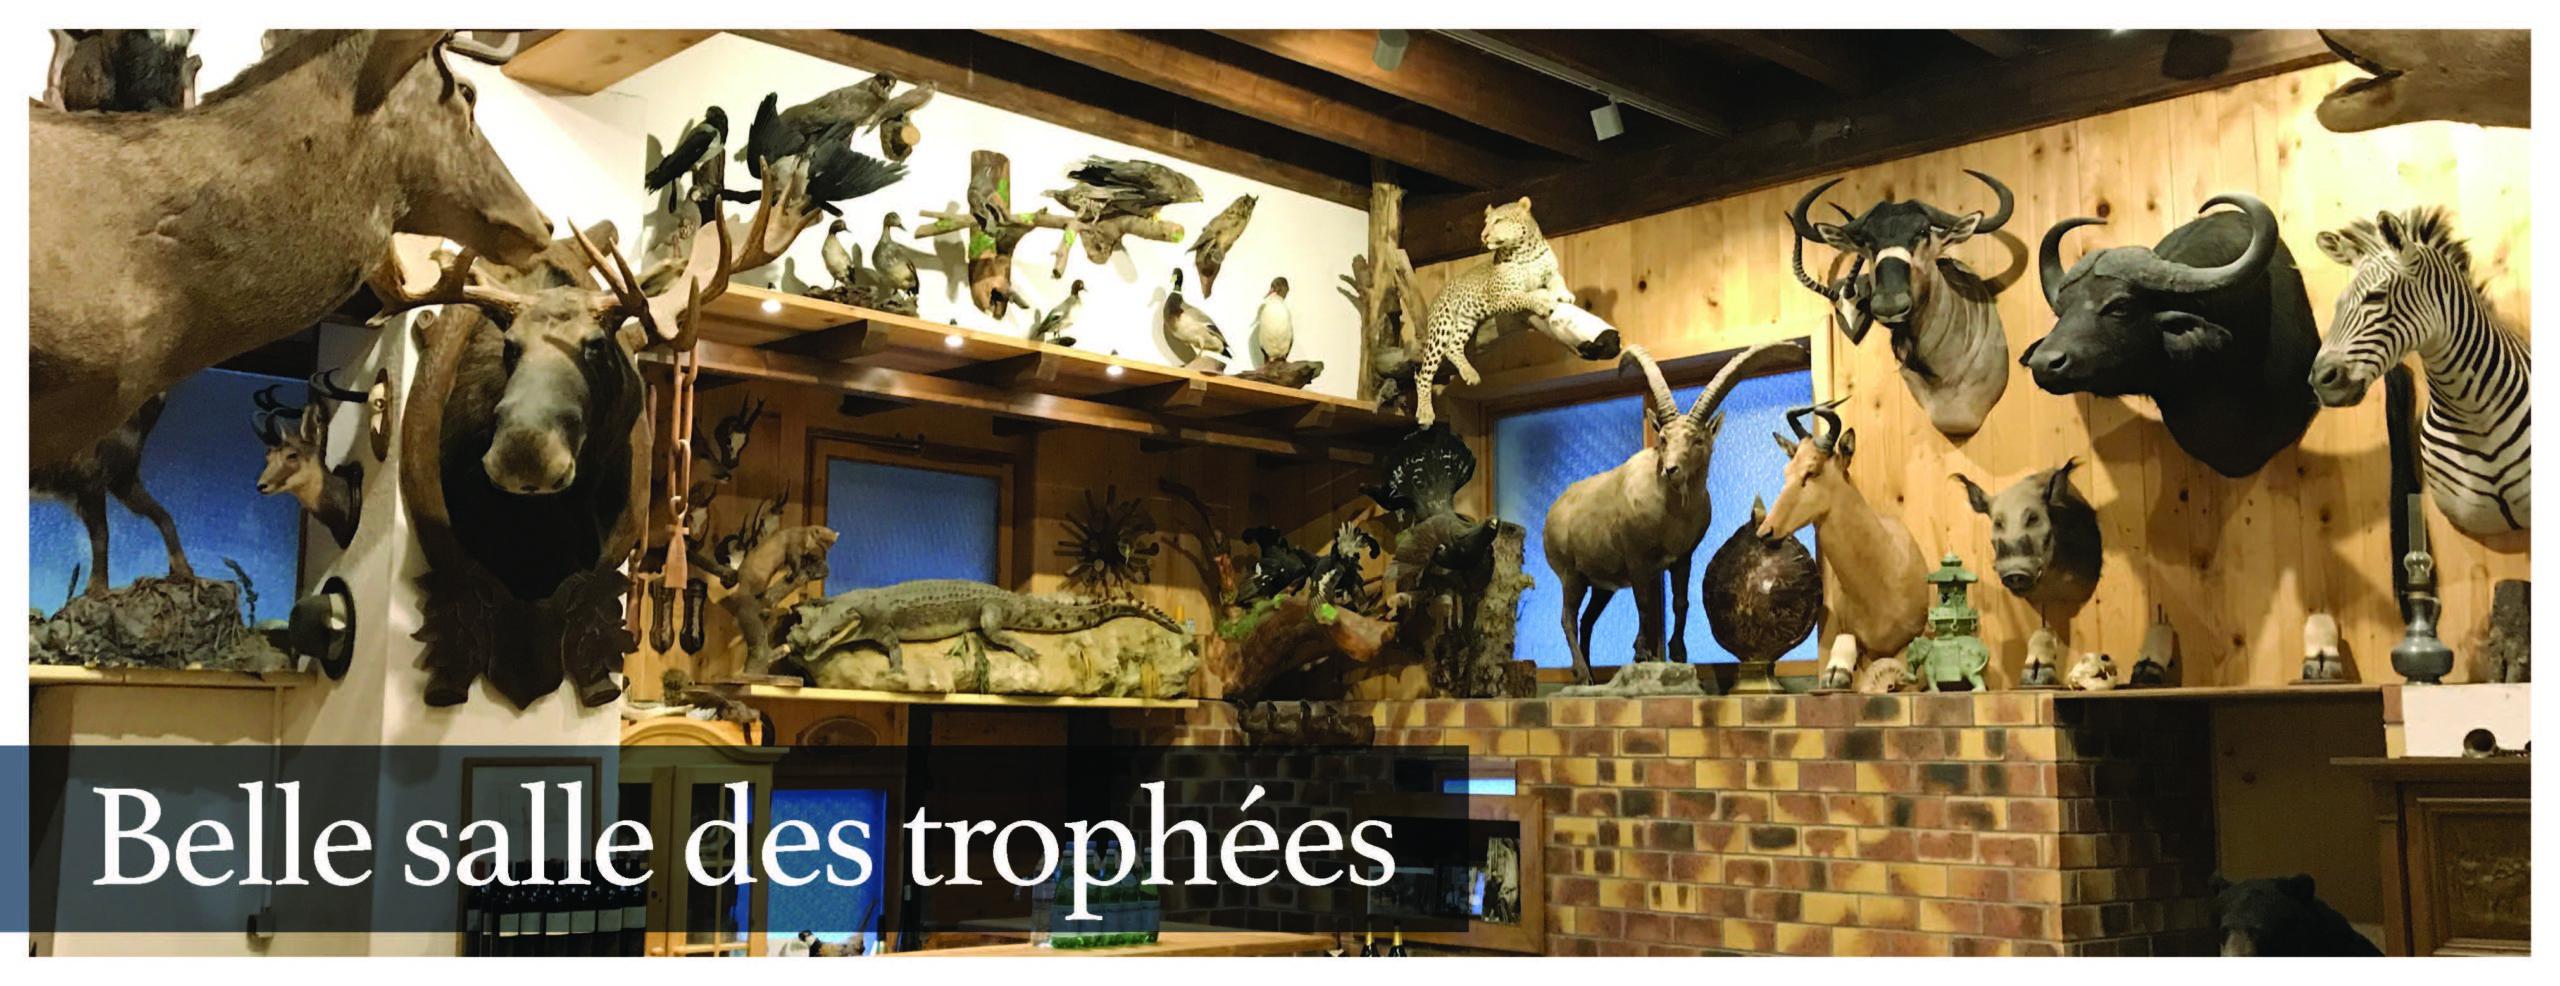 Relais de chasse _Fels_Saint-Amarin 2_Page_09